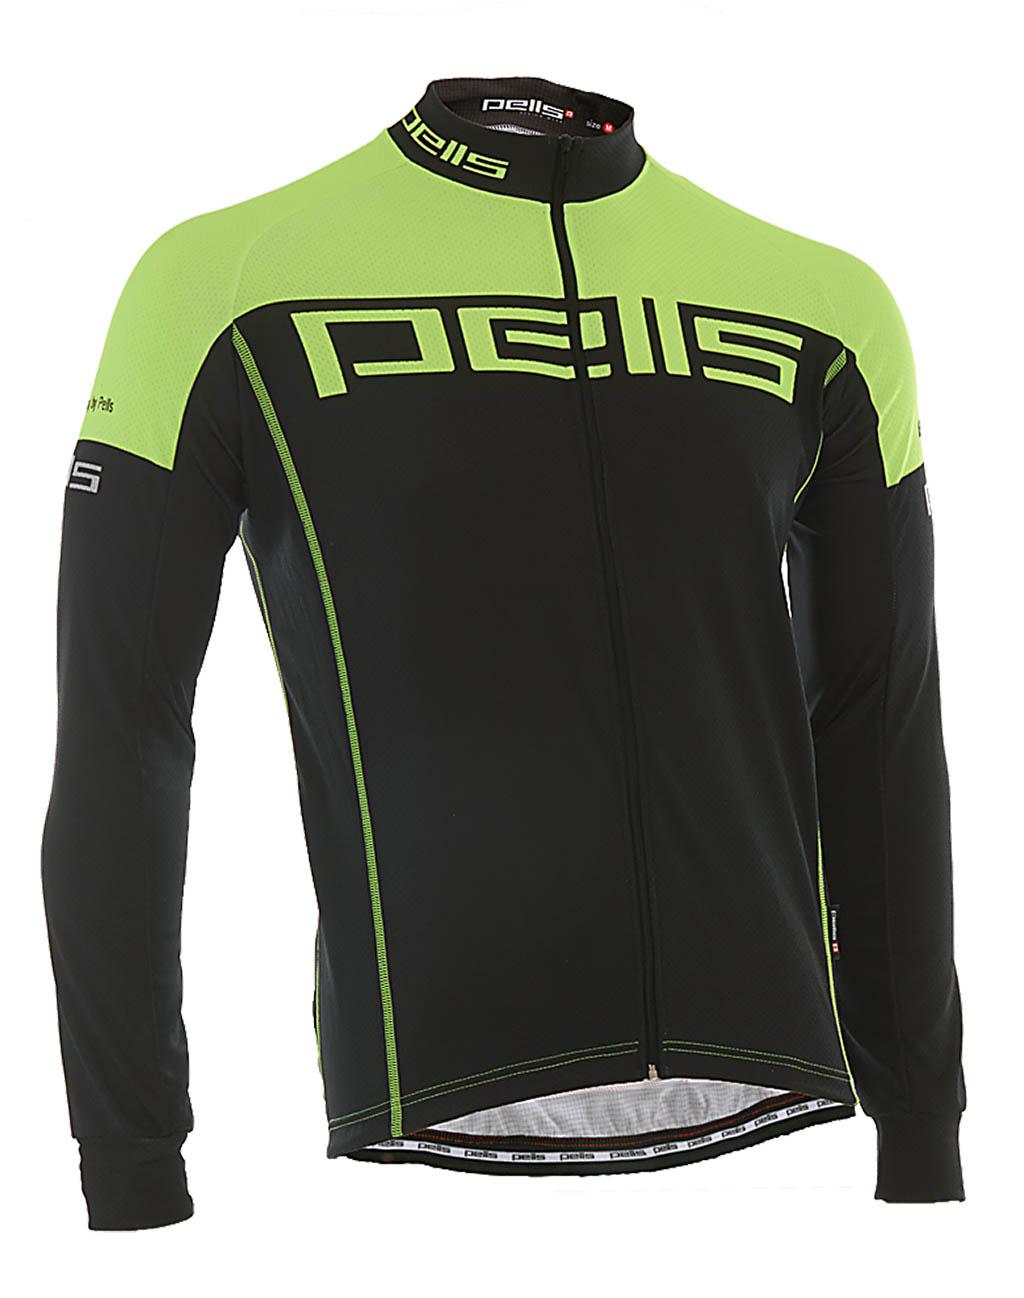 Pánský dres PELL'S FLUO, vel. M, žlutá, dlouhý rukáv - ZDARMA DOPRAVNÉ! (Pánský cyklistický dres PELL'S, vel. M, dlouhý rukáv, barva žlutá dle vyobrazení!)